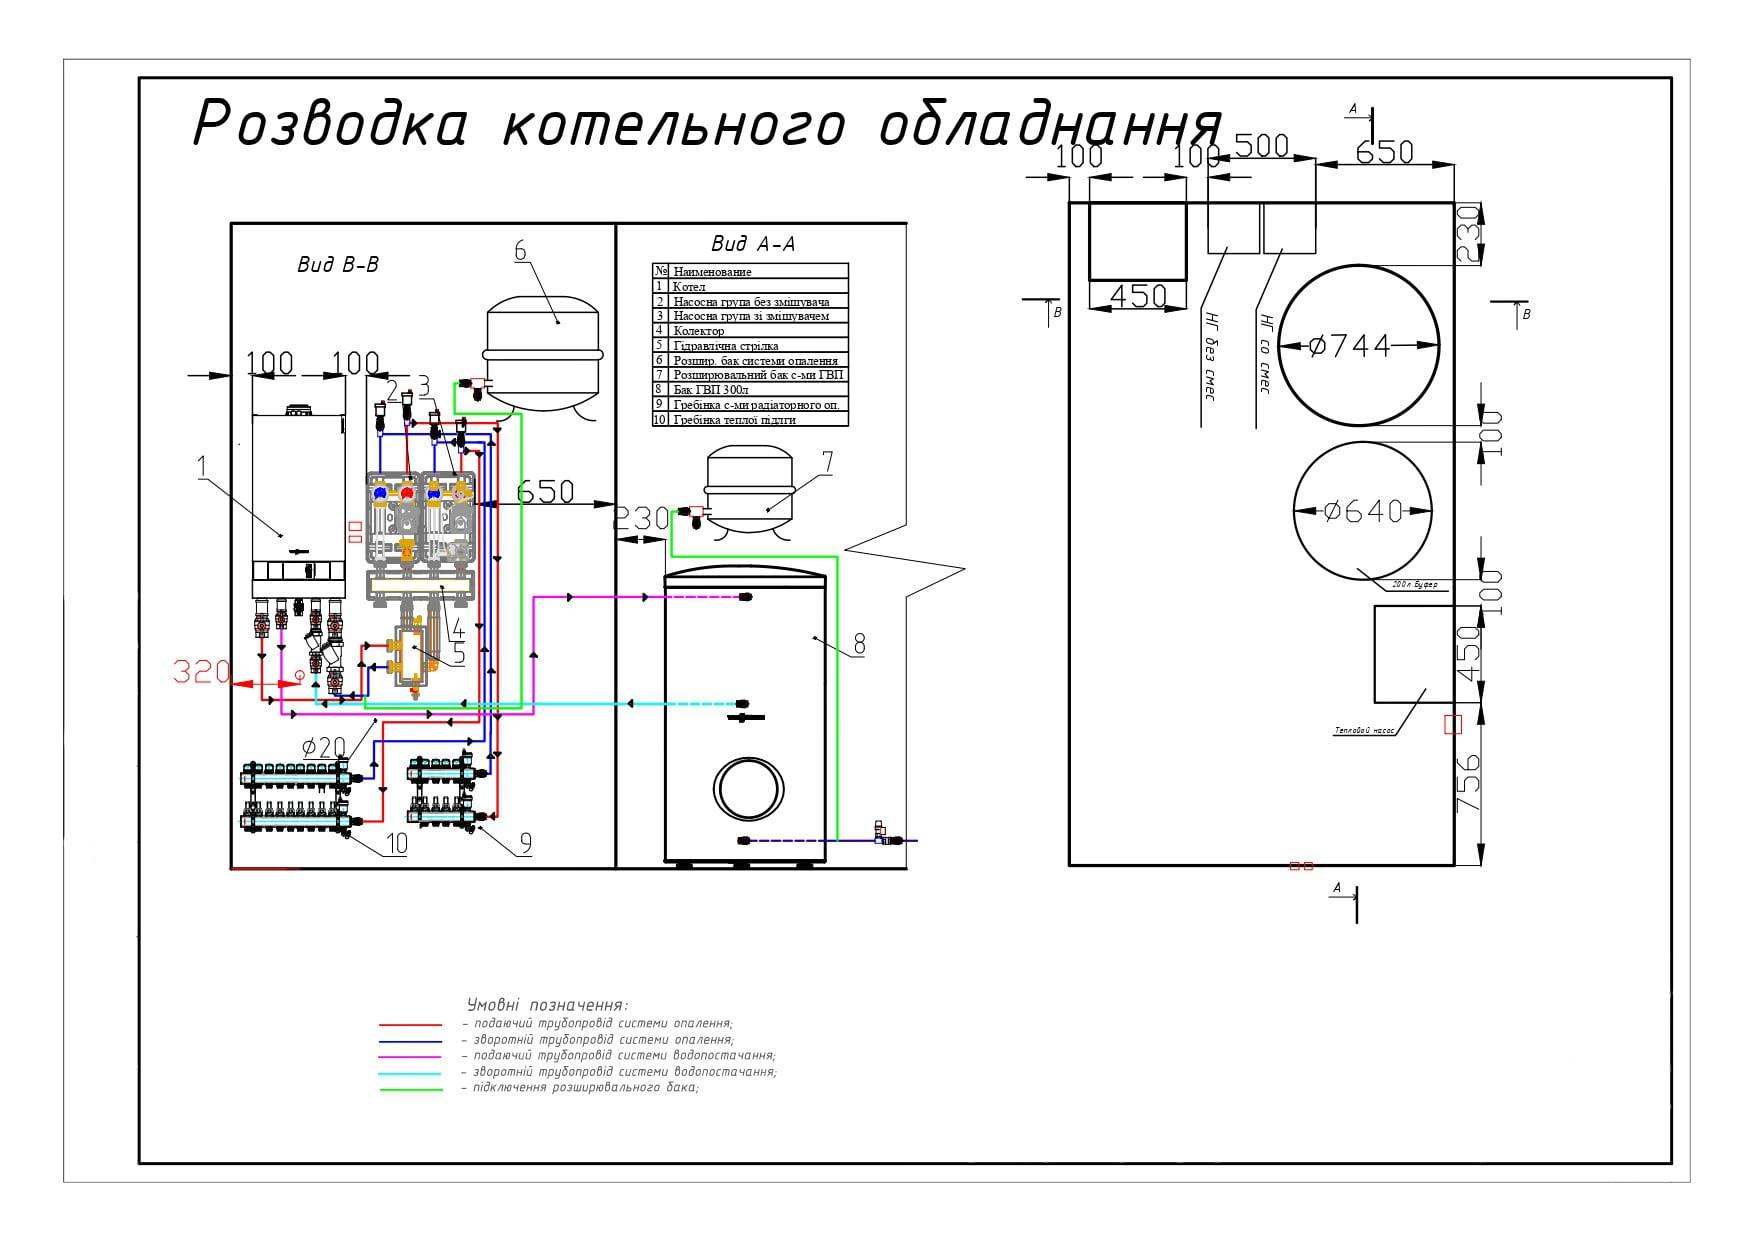 Реализация газового отопления от Альтер Эйр